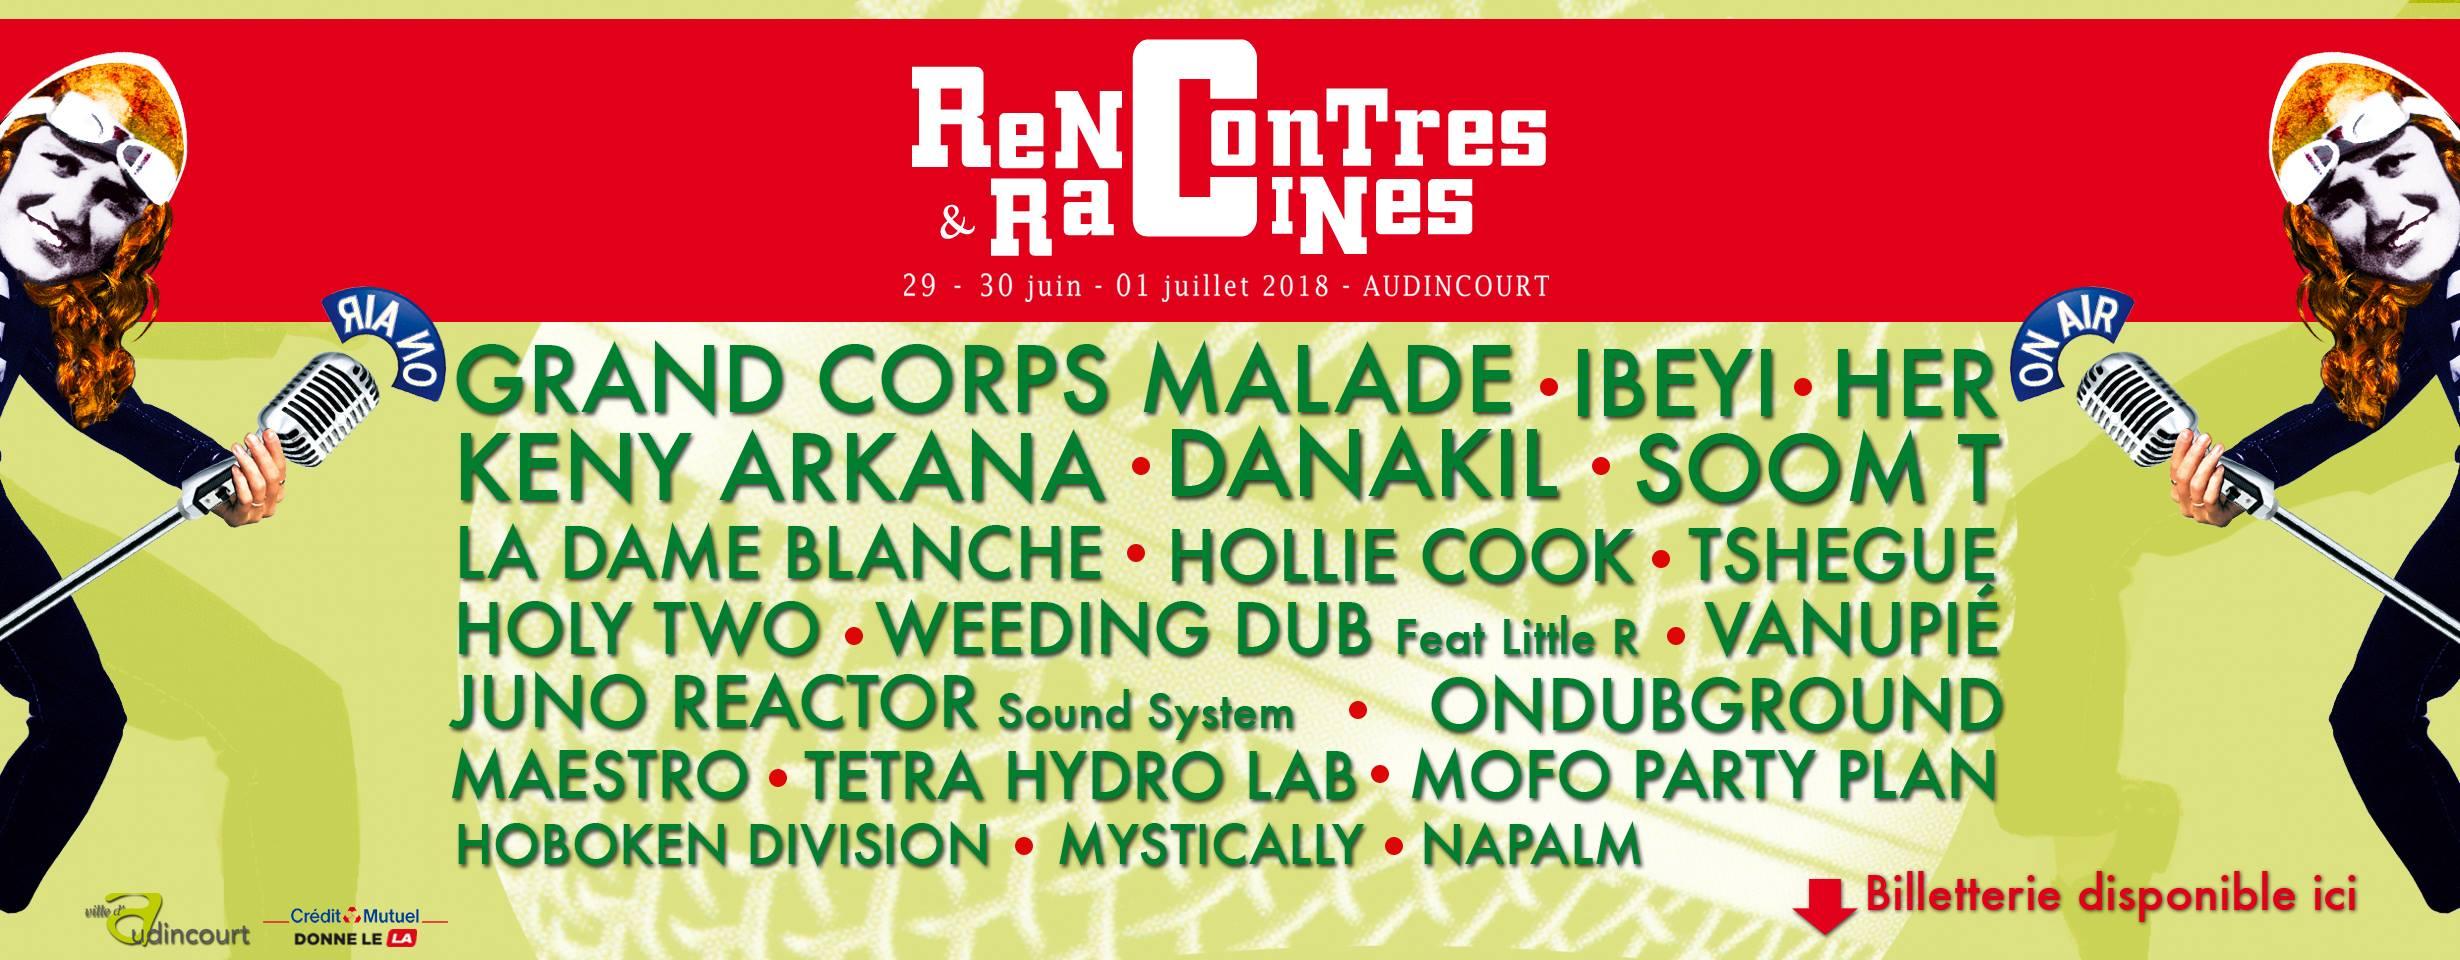 festival audincourt rencontres et racines 2013